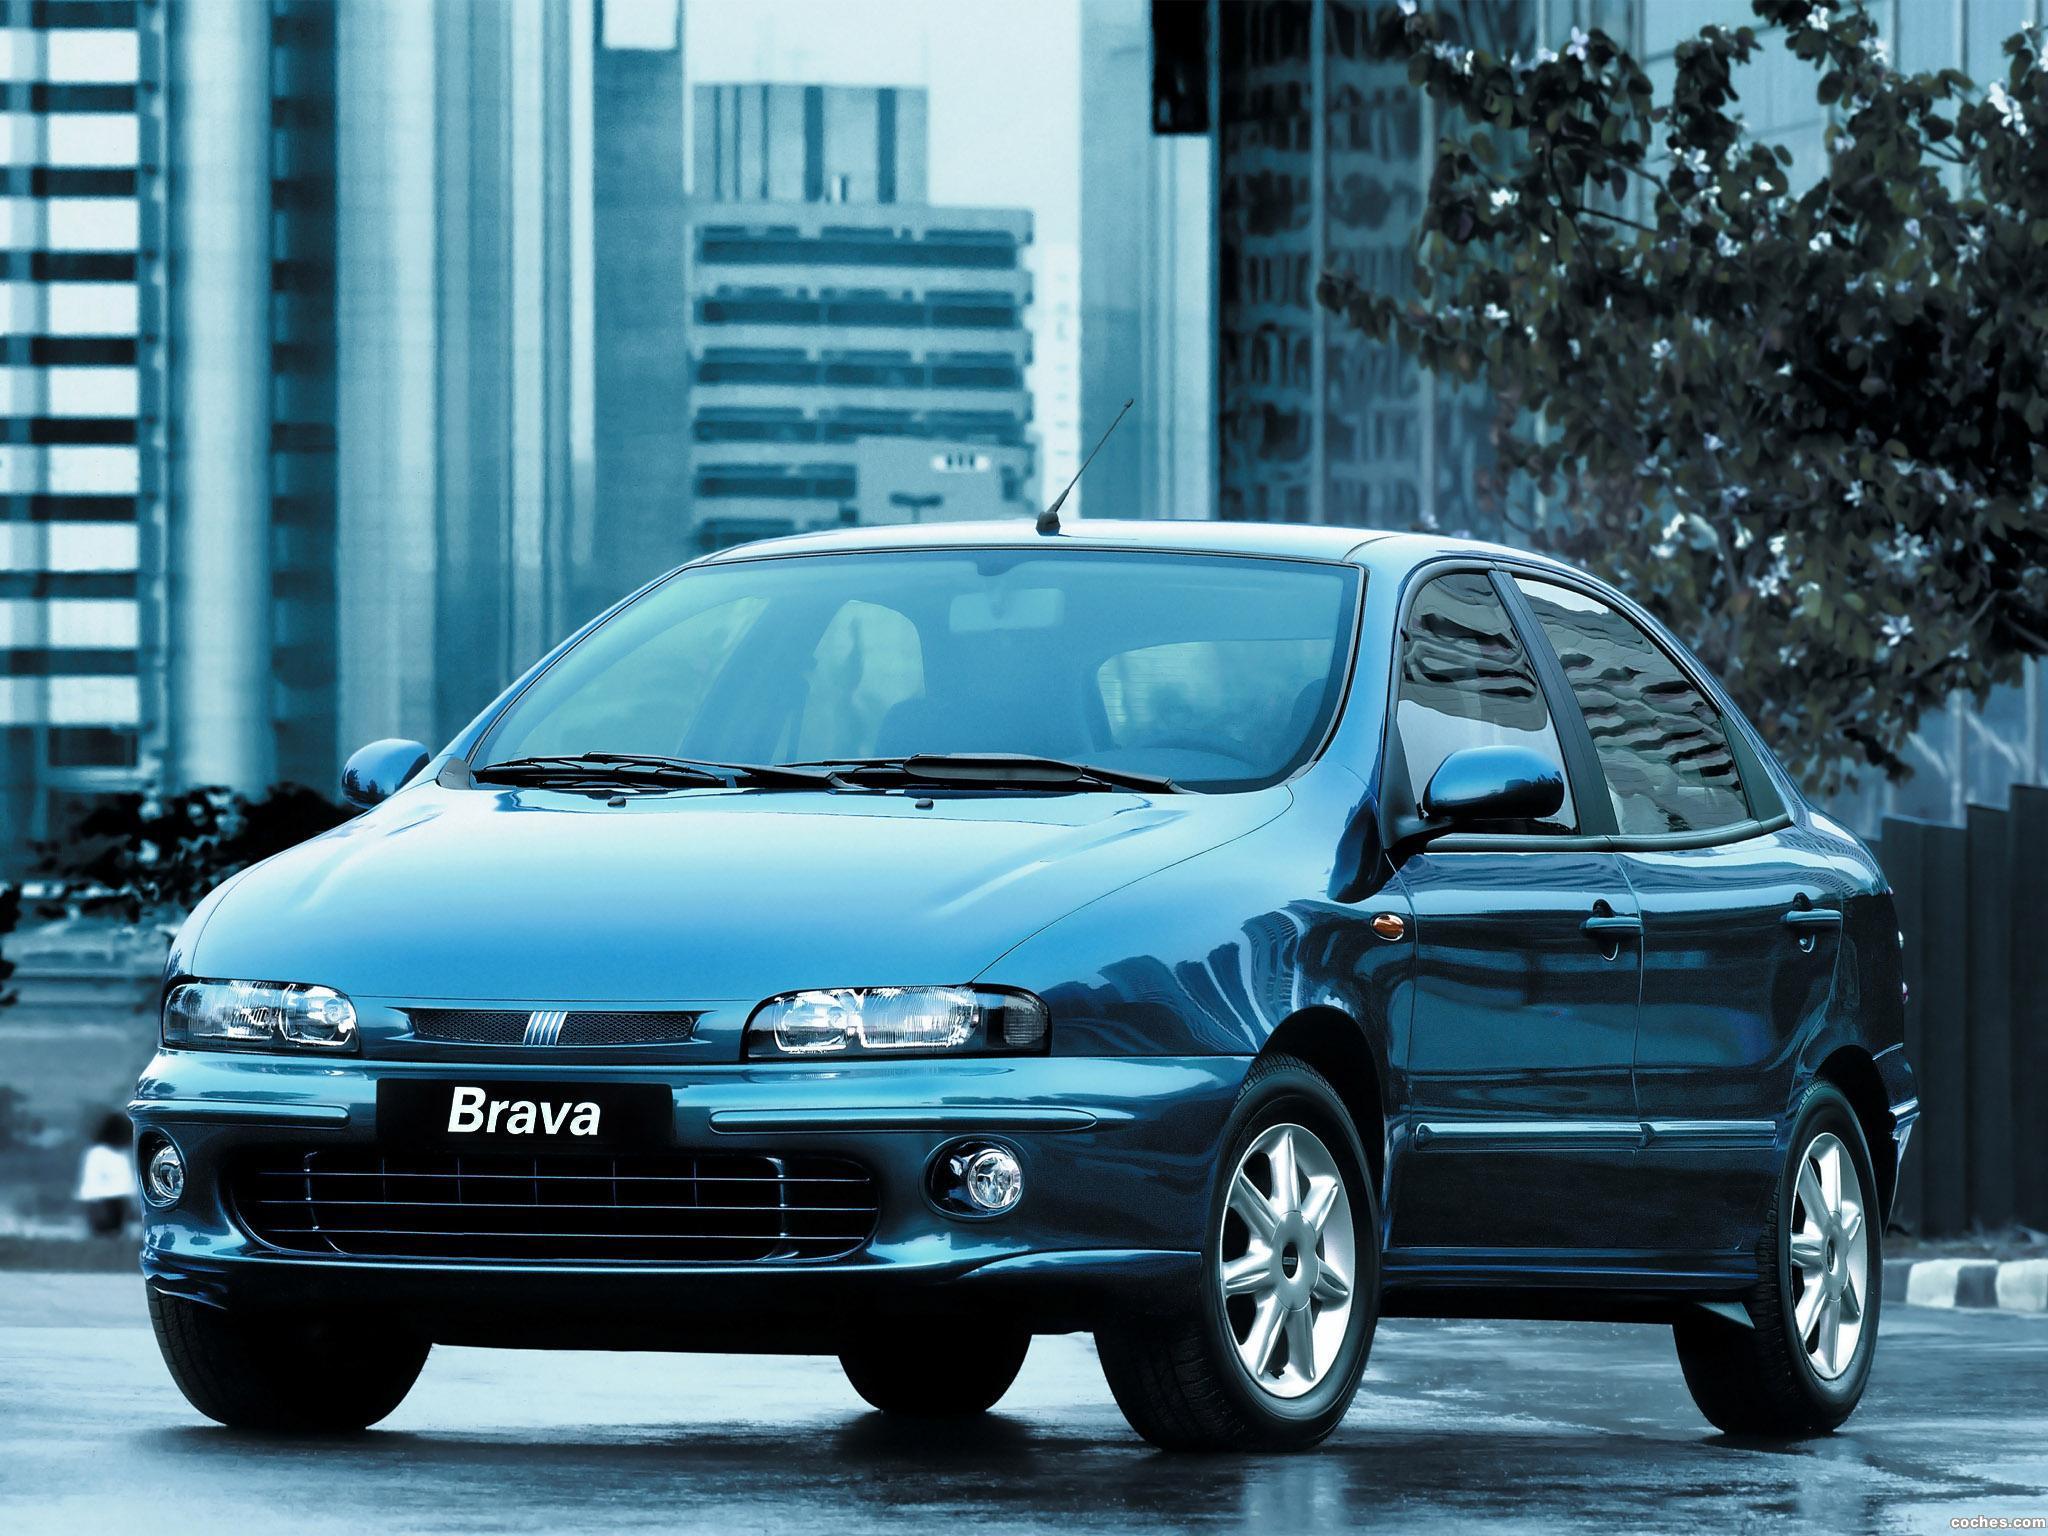 Foto 0 de Fiat Brava 1995